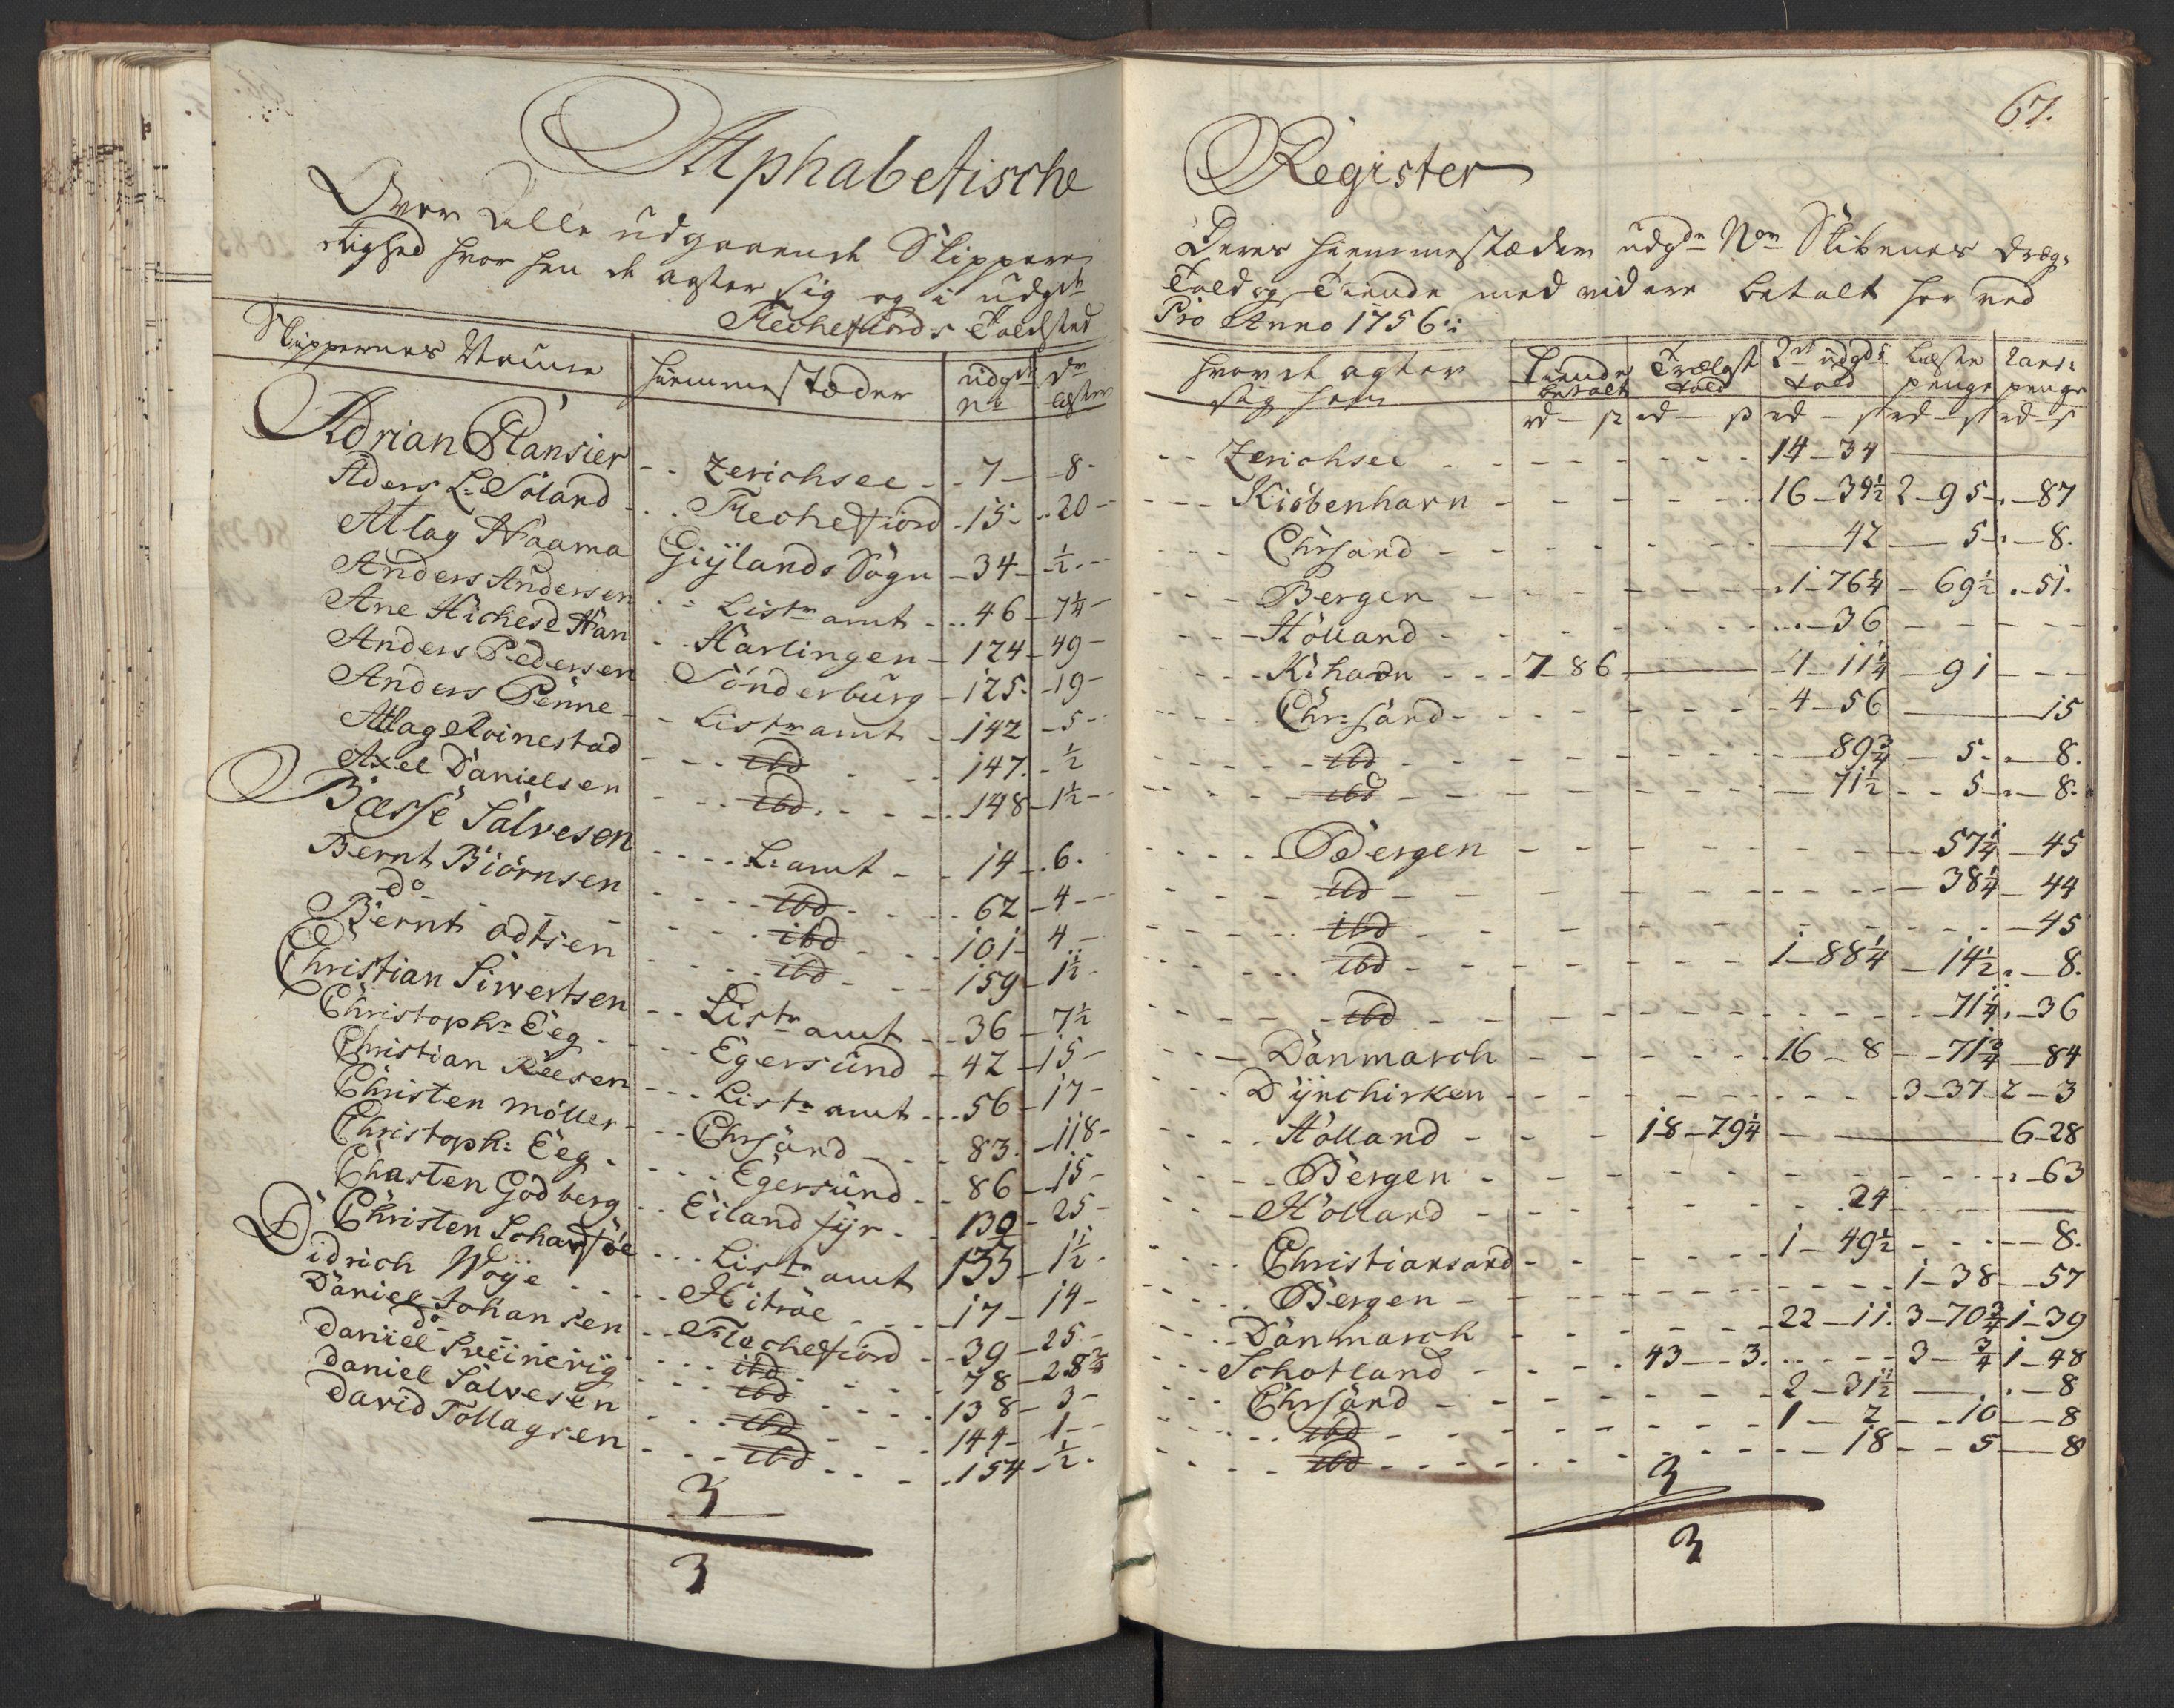 RA, Generaltollkammeret, tollregnskaper, R19/L0015: Tollregnskaper Flekkefjord, 1756, s. 66b-67a